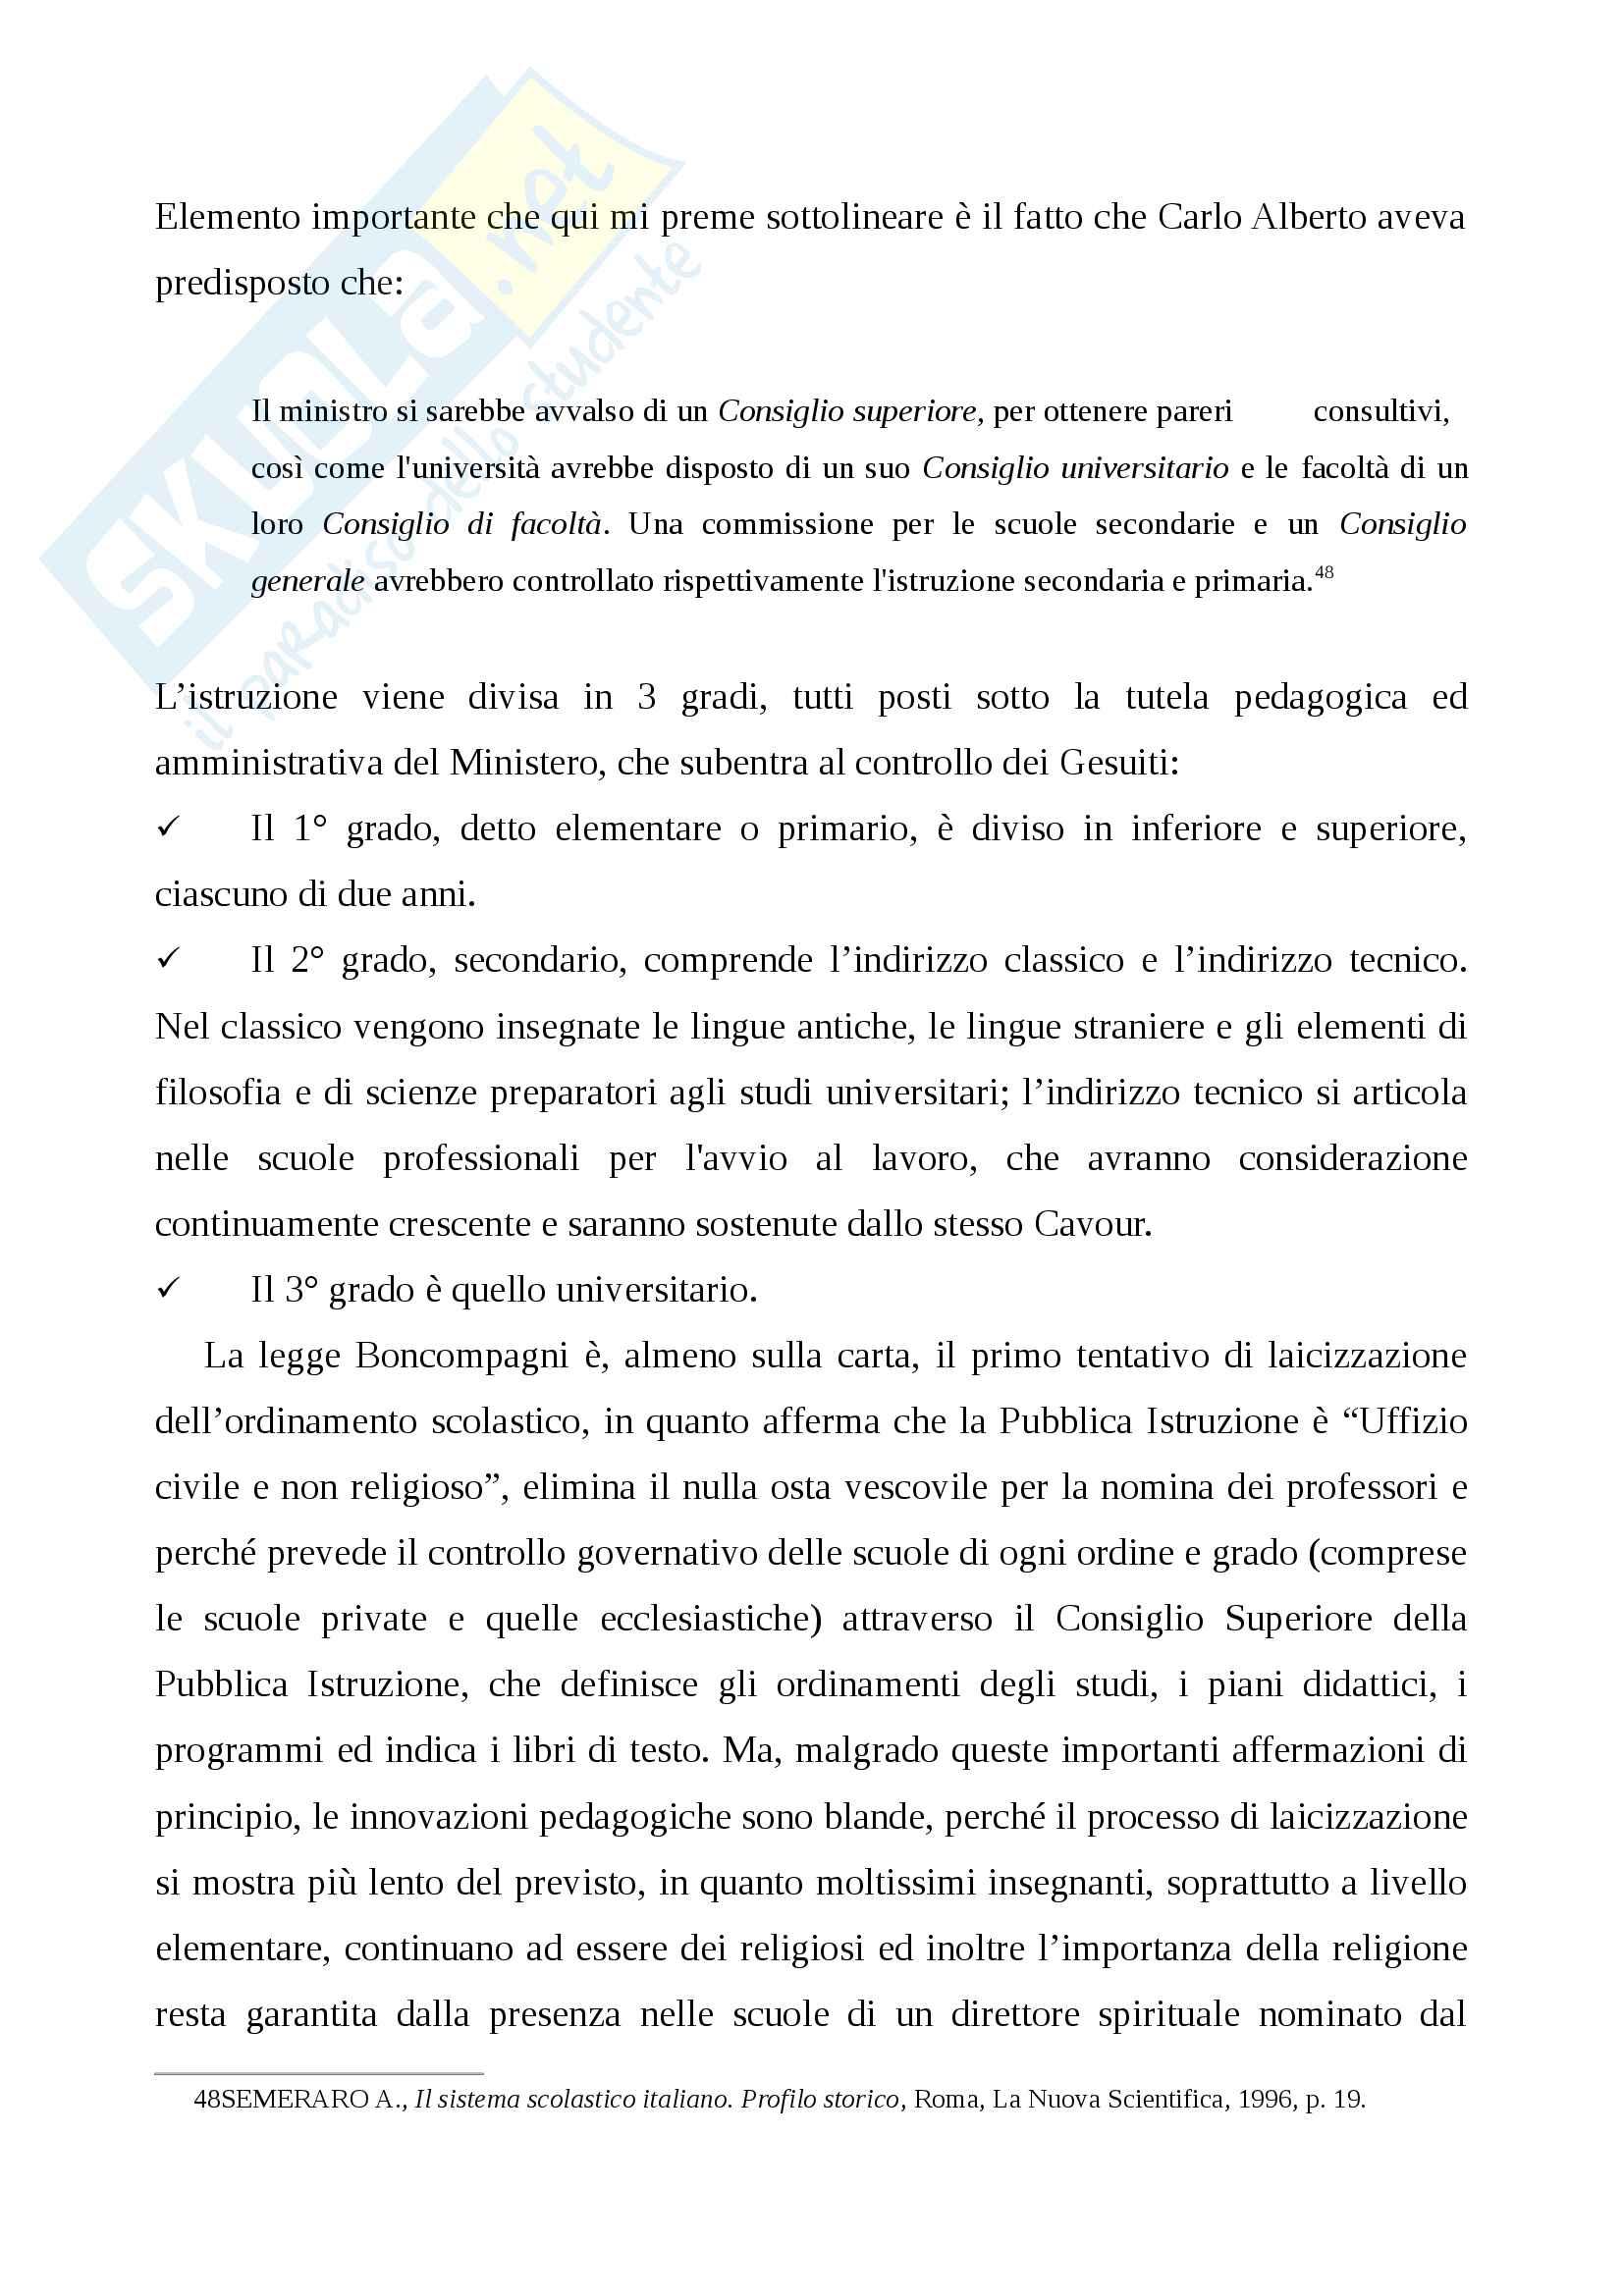 Storia della scuola italiana (legge Casati, Riforma Gentile) Pag. 16